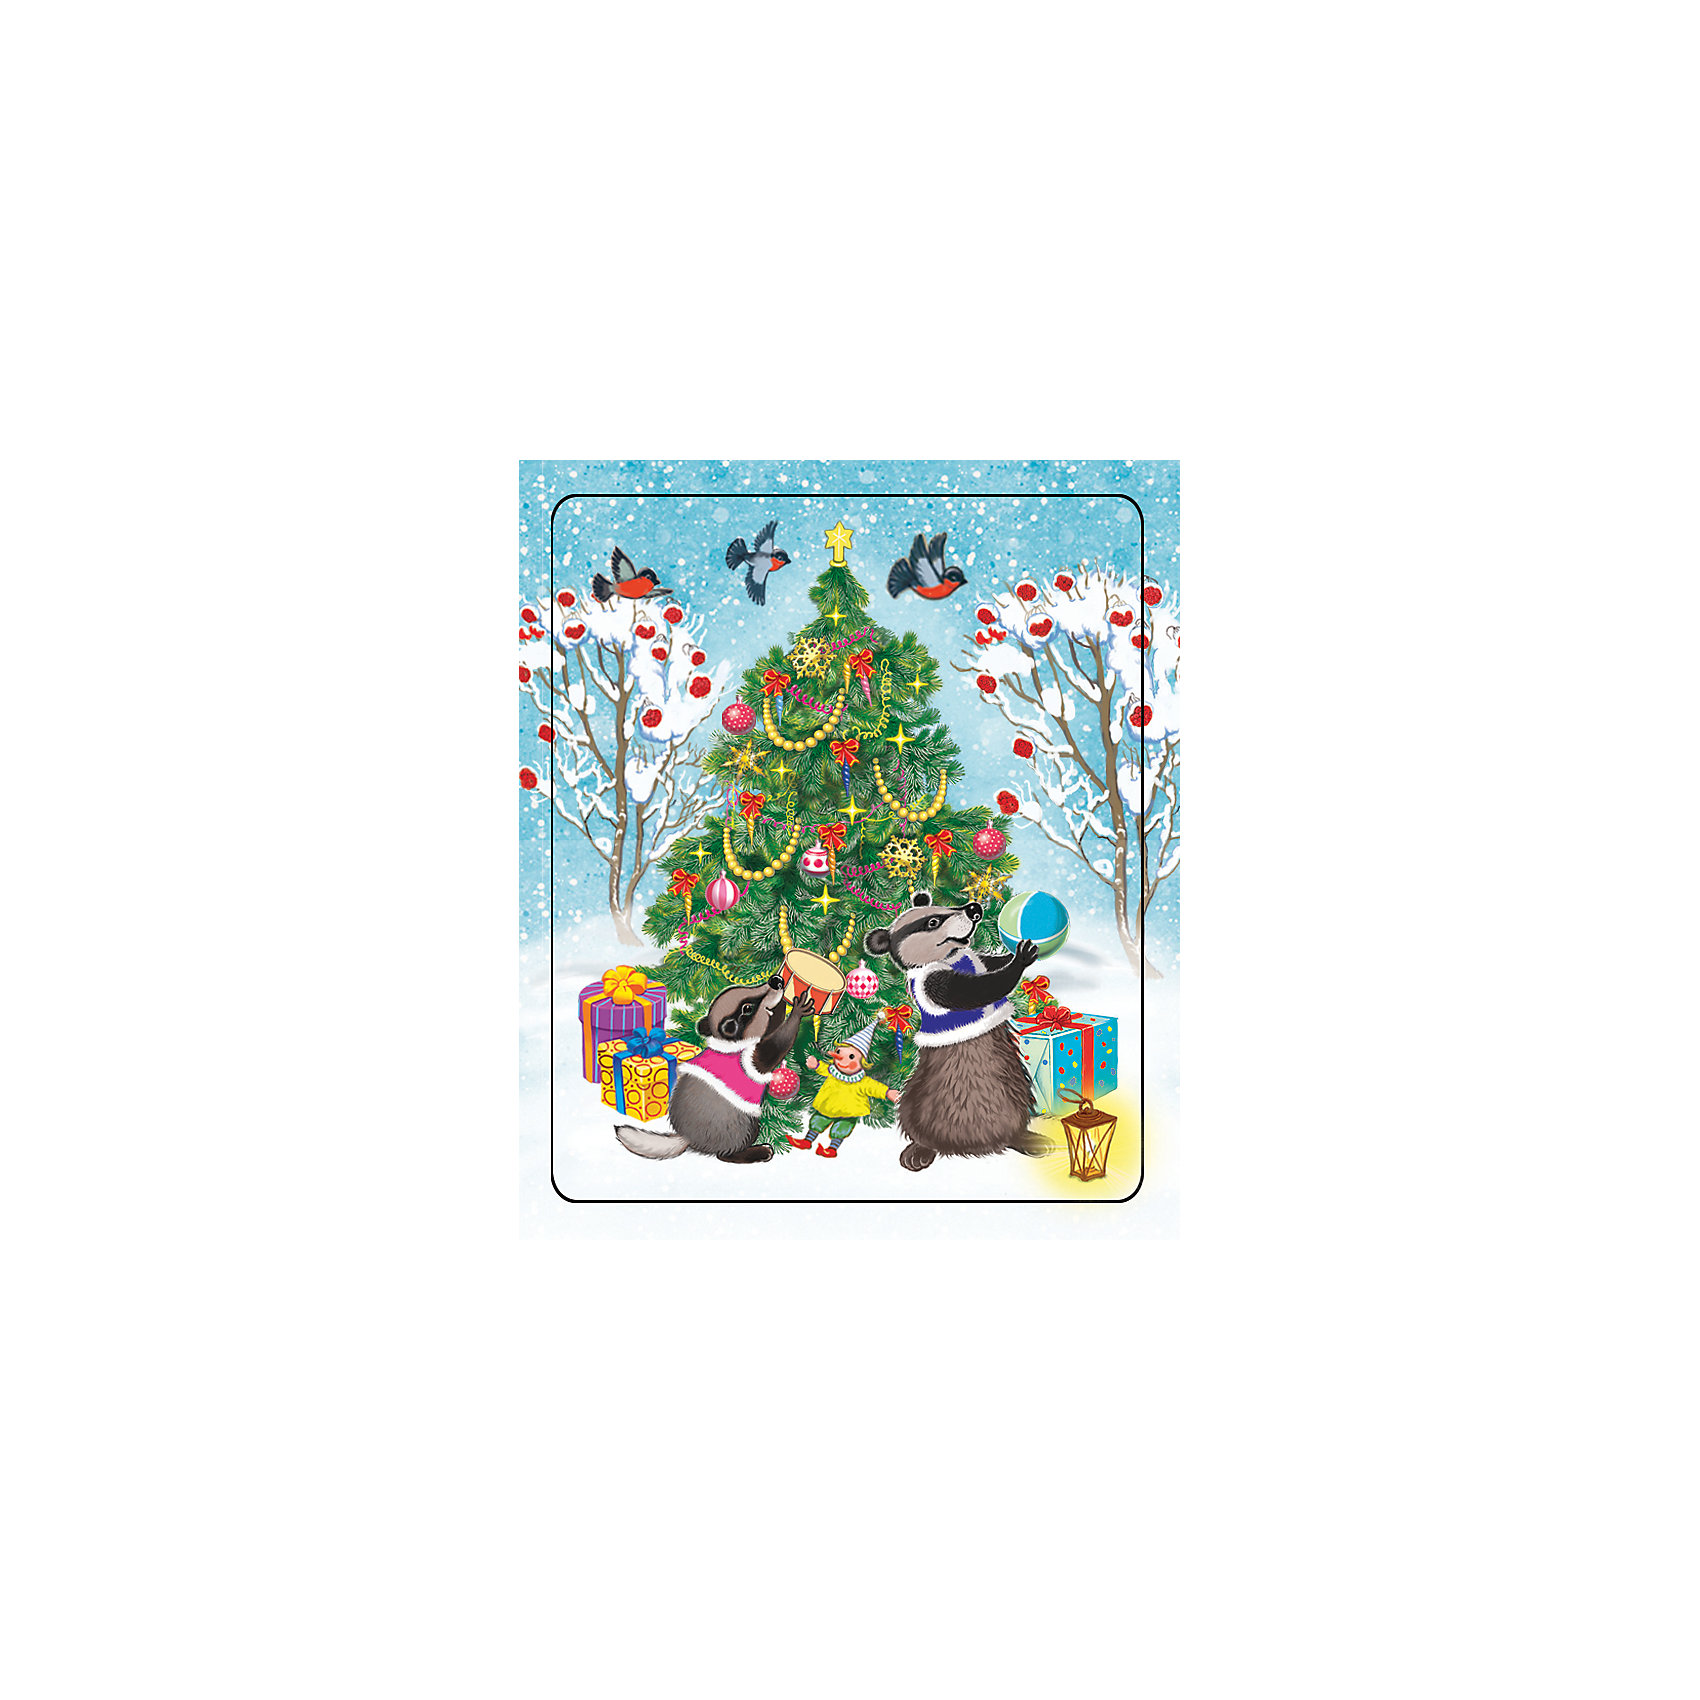 Магнит Еноты и елкаВсё для праздника<br>Магнит Еноты и елка - впустите атмосферу зимы и праздников в ваш дом! С этим подарочным магнитом так весело наряжать дом и радовать близких. Небольшой прямоугольный магнитик с закругленными углами смотрится как полноценная небольшая картинка. На магните изображена большая ёлочка в лесу, которую наряжают веселые еноты в праздничных жилетках. На магните также изображена ажурная надпись «С Новым Годом». Устройте сюрприз вашим близким!<br>Дополнительная информация:<br><br>- Размер: 5 * 6 см.<br>- Материал: агломеррированный феррит<br>Магнит Еноты и елка можно купить в нашем интернет-магазине.<br>Подробнее:<br>• Для детей в возрасте: от 3 лет<br>• Номер товара: 4981495<br>Страна производитель: Китай<br><br>Ширина мм: 100<br>Глубина мм: 100<br>Высота мм: 10<br>Вес г: 150<br>Возраст от месяцев: 36<br>Возраст до месяцев: 2147483647<br>Пол: Унисекс<br>Возраст: Детский<br>SKU: 4981495